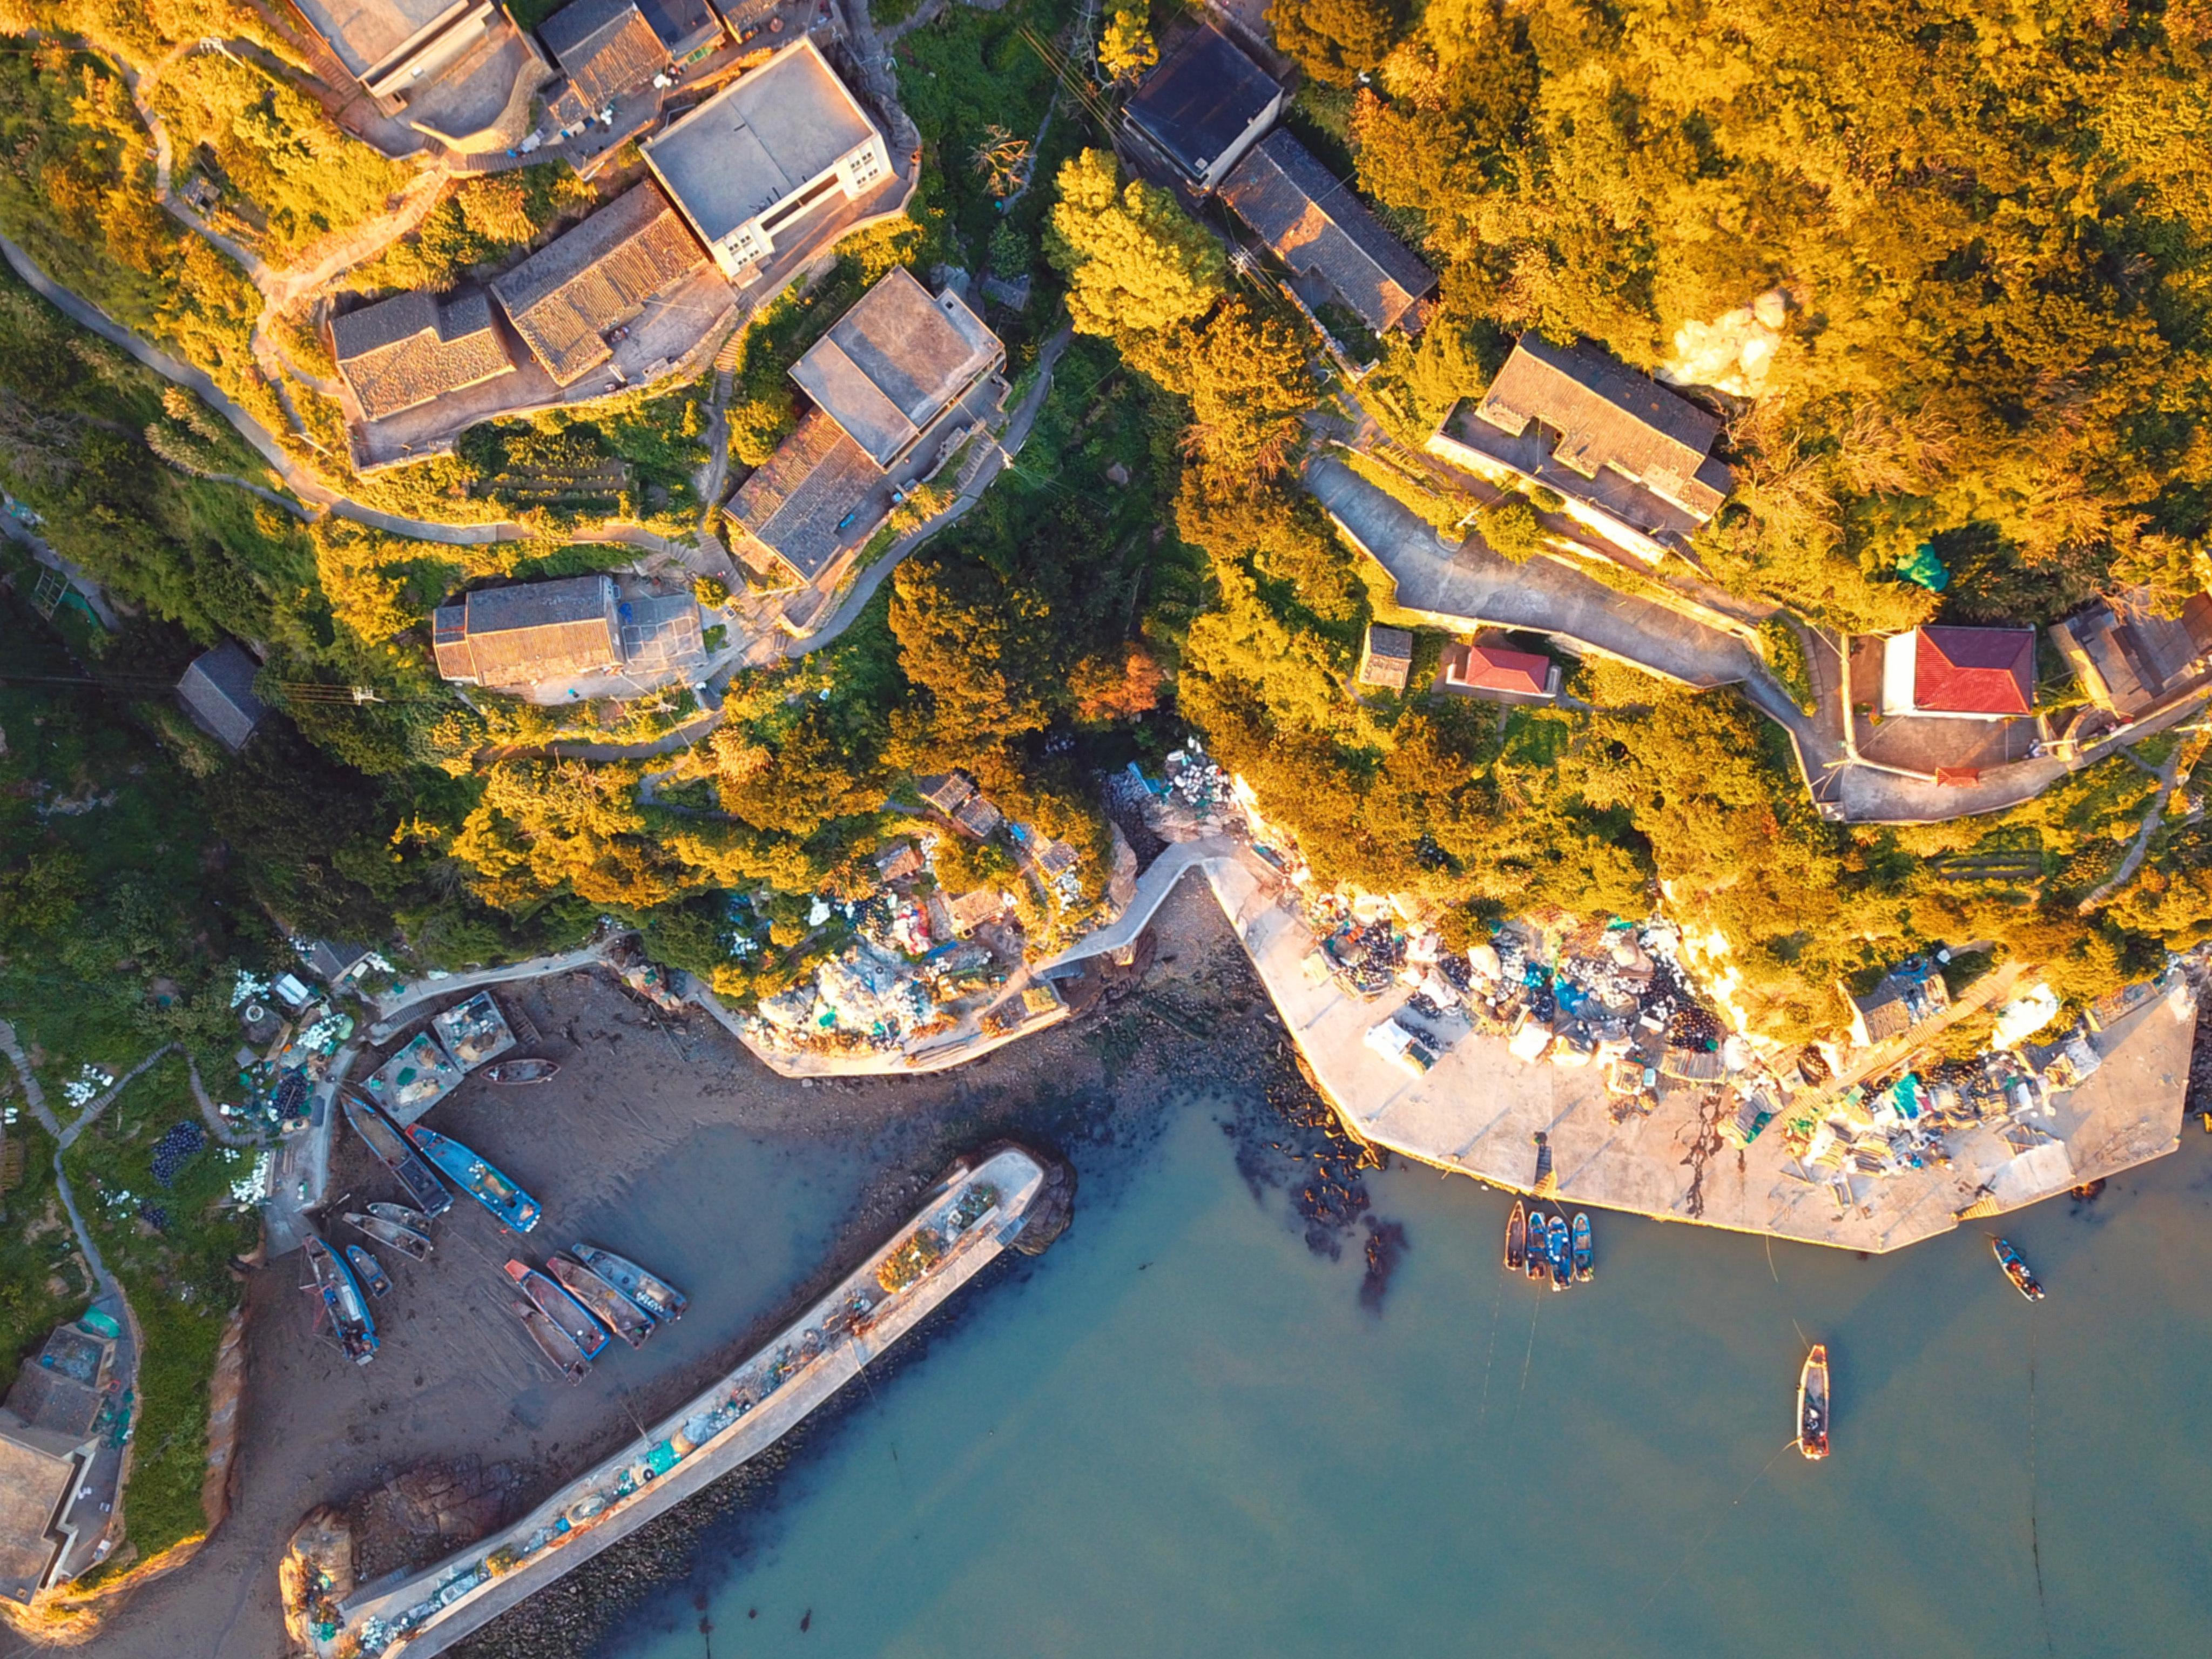 航拍中国发现最安静的小岛 觉得在这里大声说话都不合适